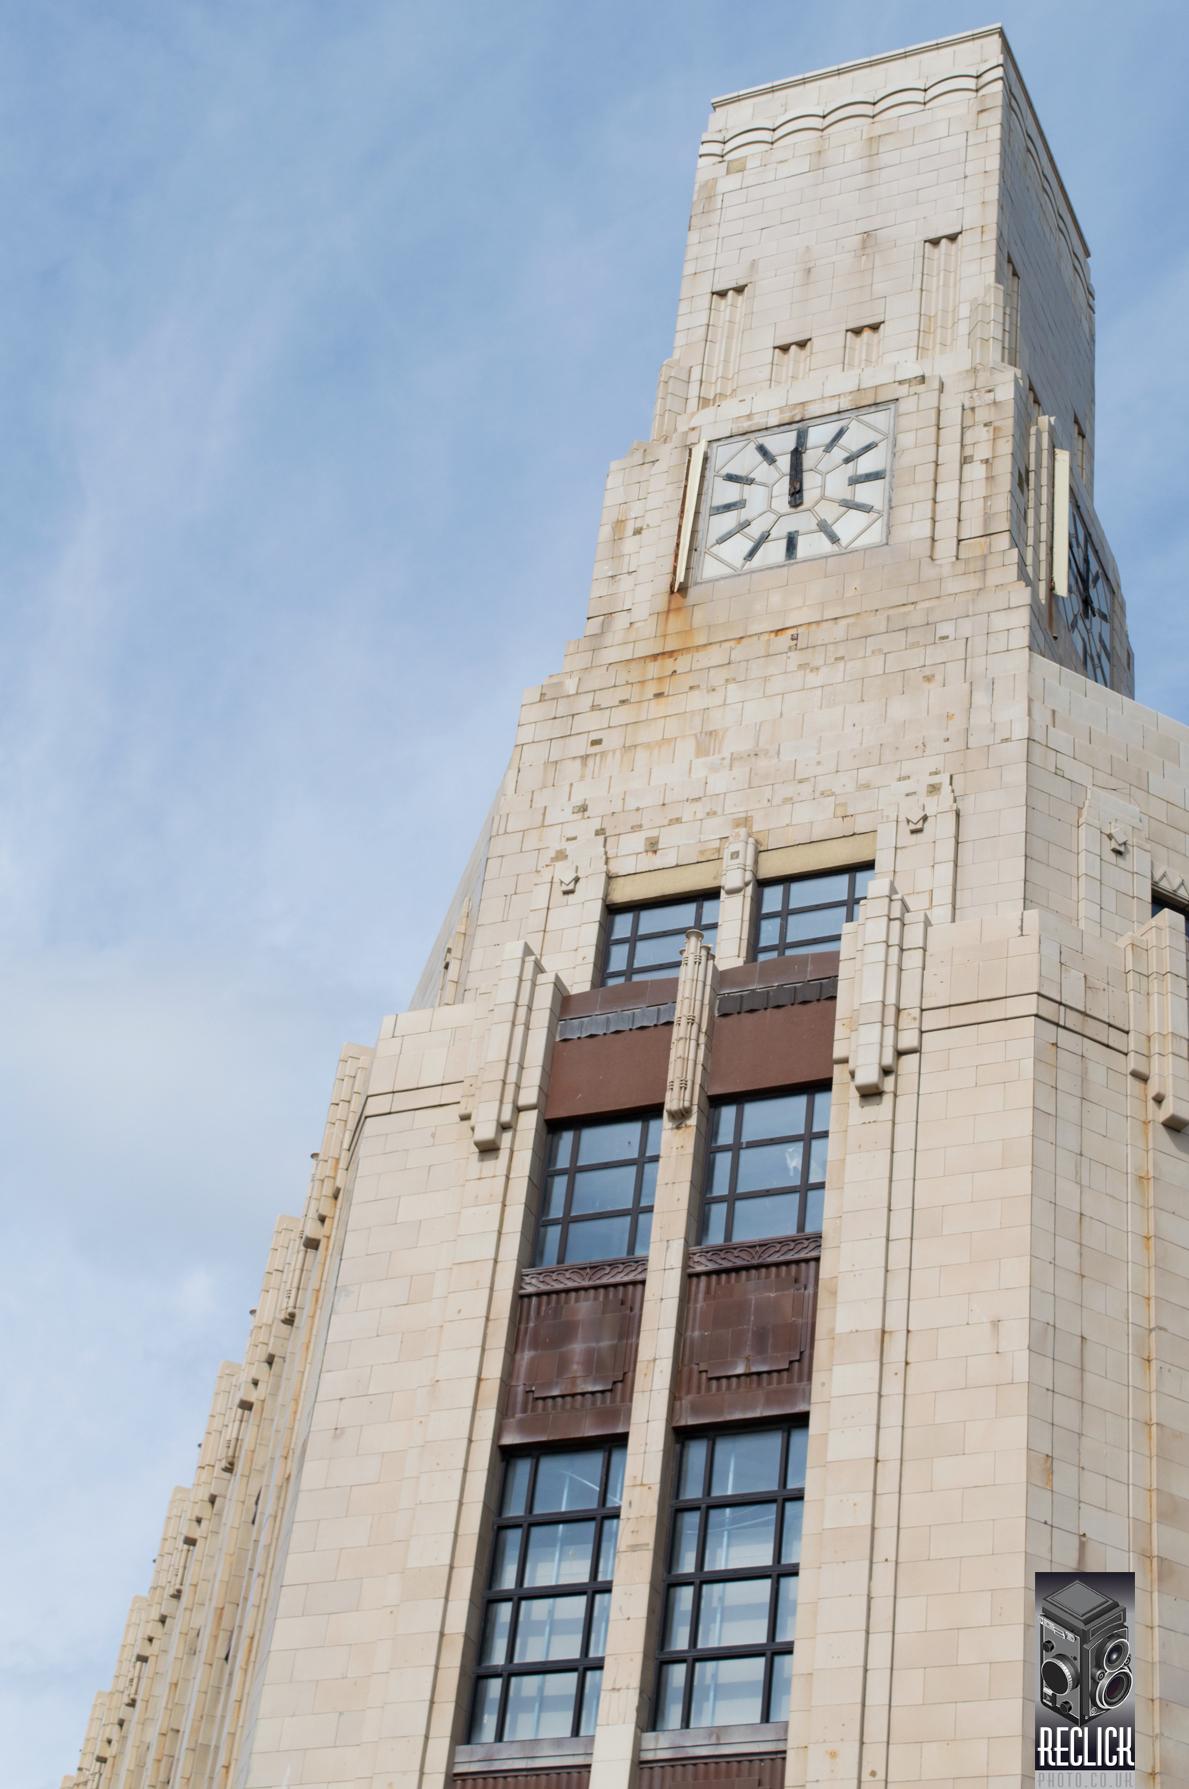 Blackpool, Woolworths, Art Deco, Lancashire, England, seaside, resort,